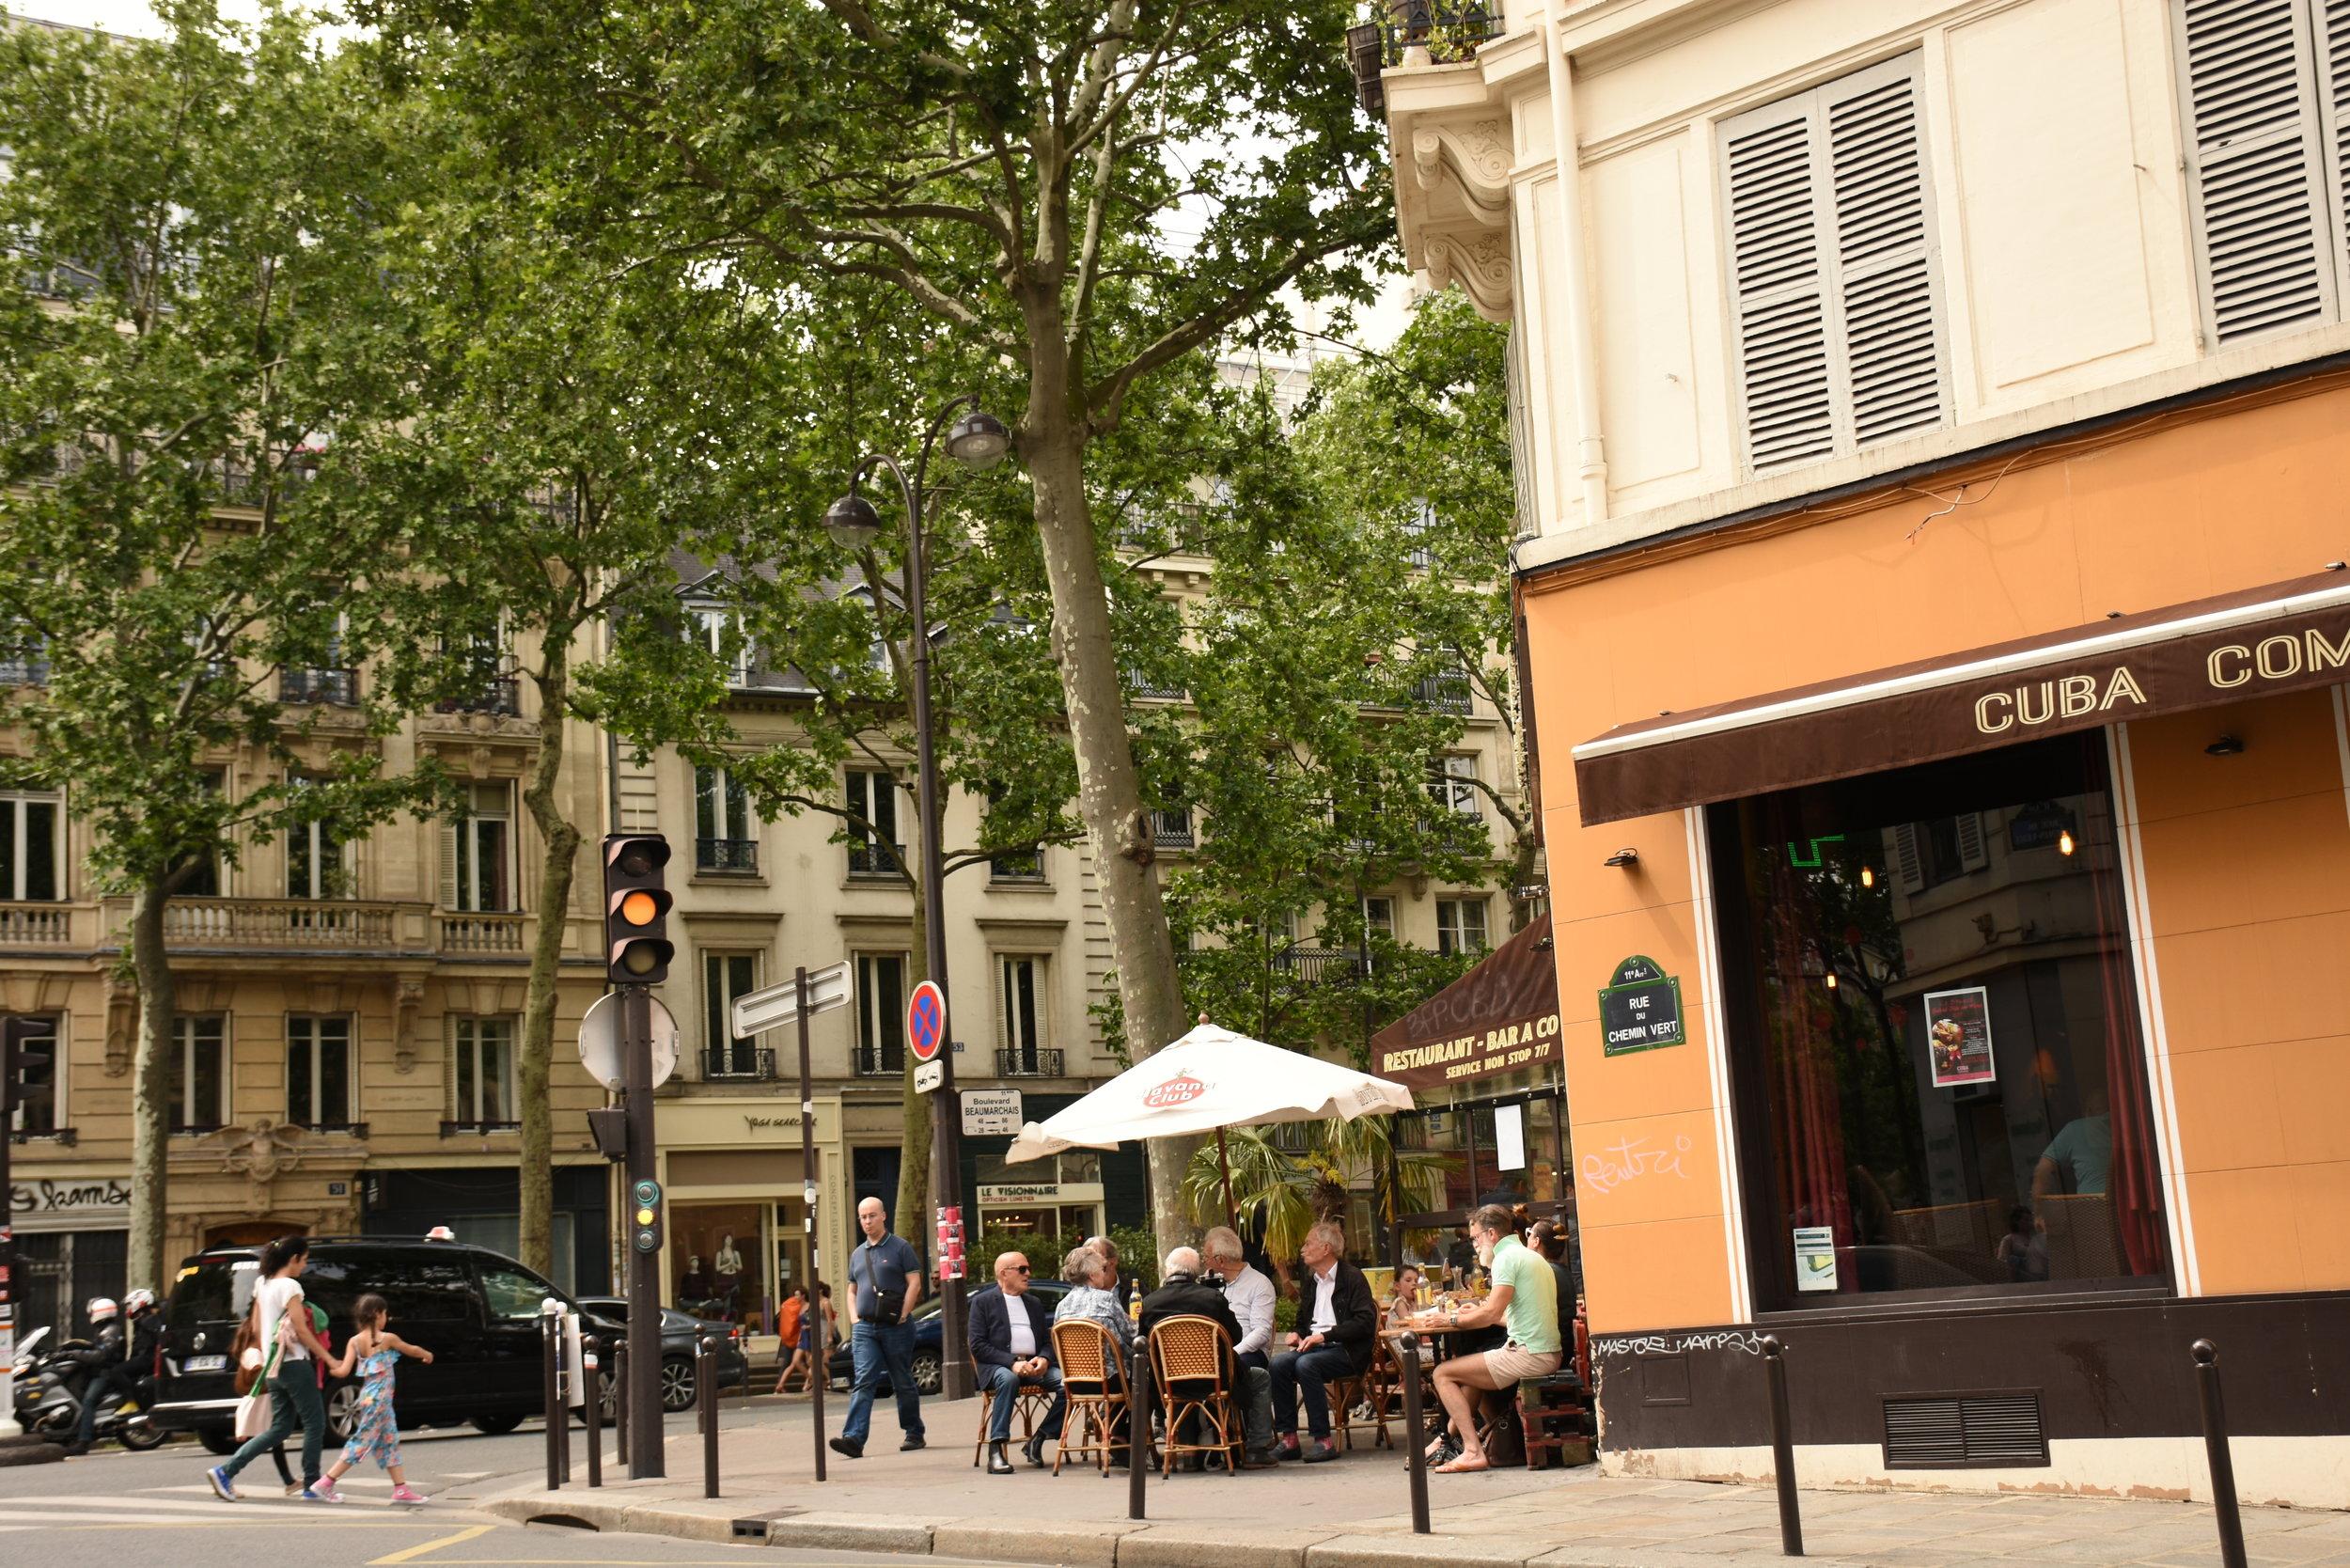 al fresco  dining in Paris.